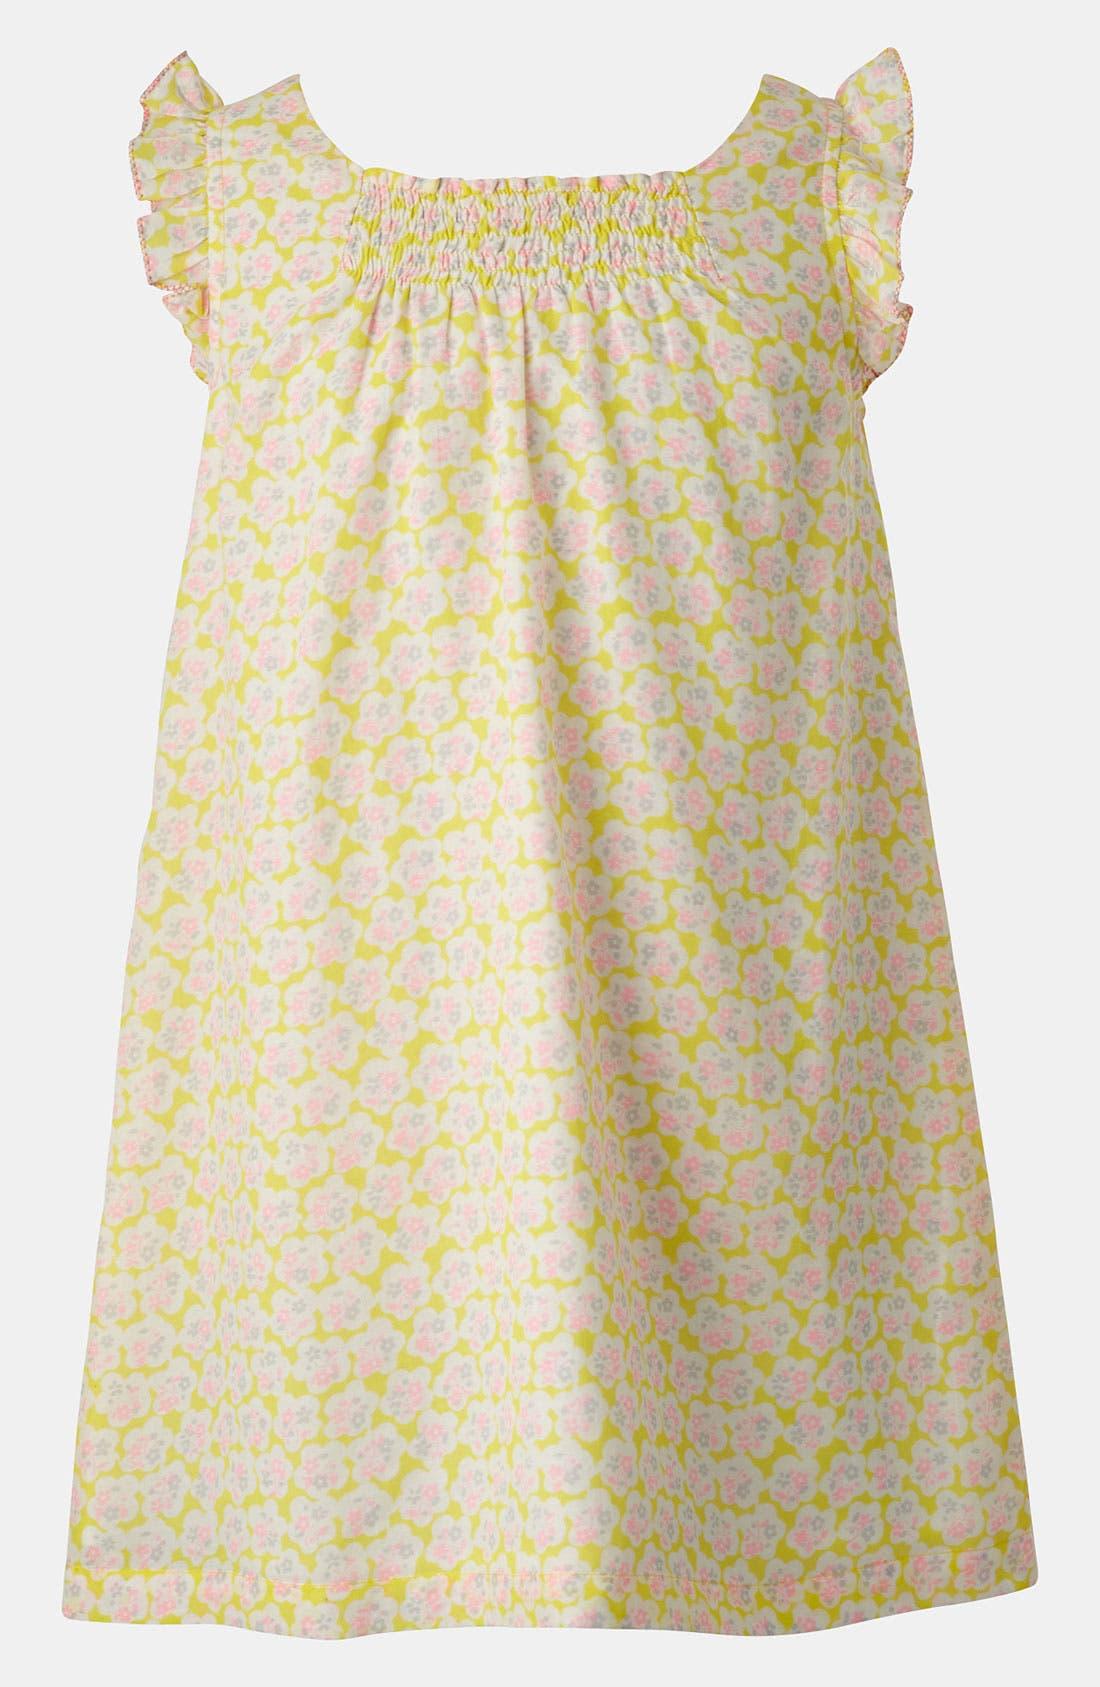 Alternate Image 1 Selected - Mini Boden 'Angel' Dress (Toddler, Little Girls & Big Girls)